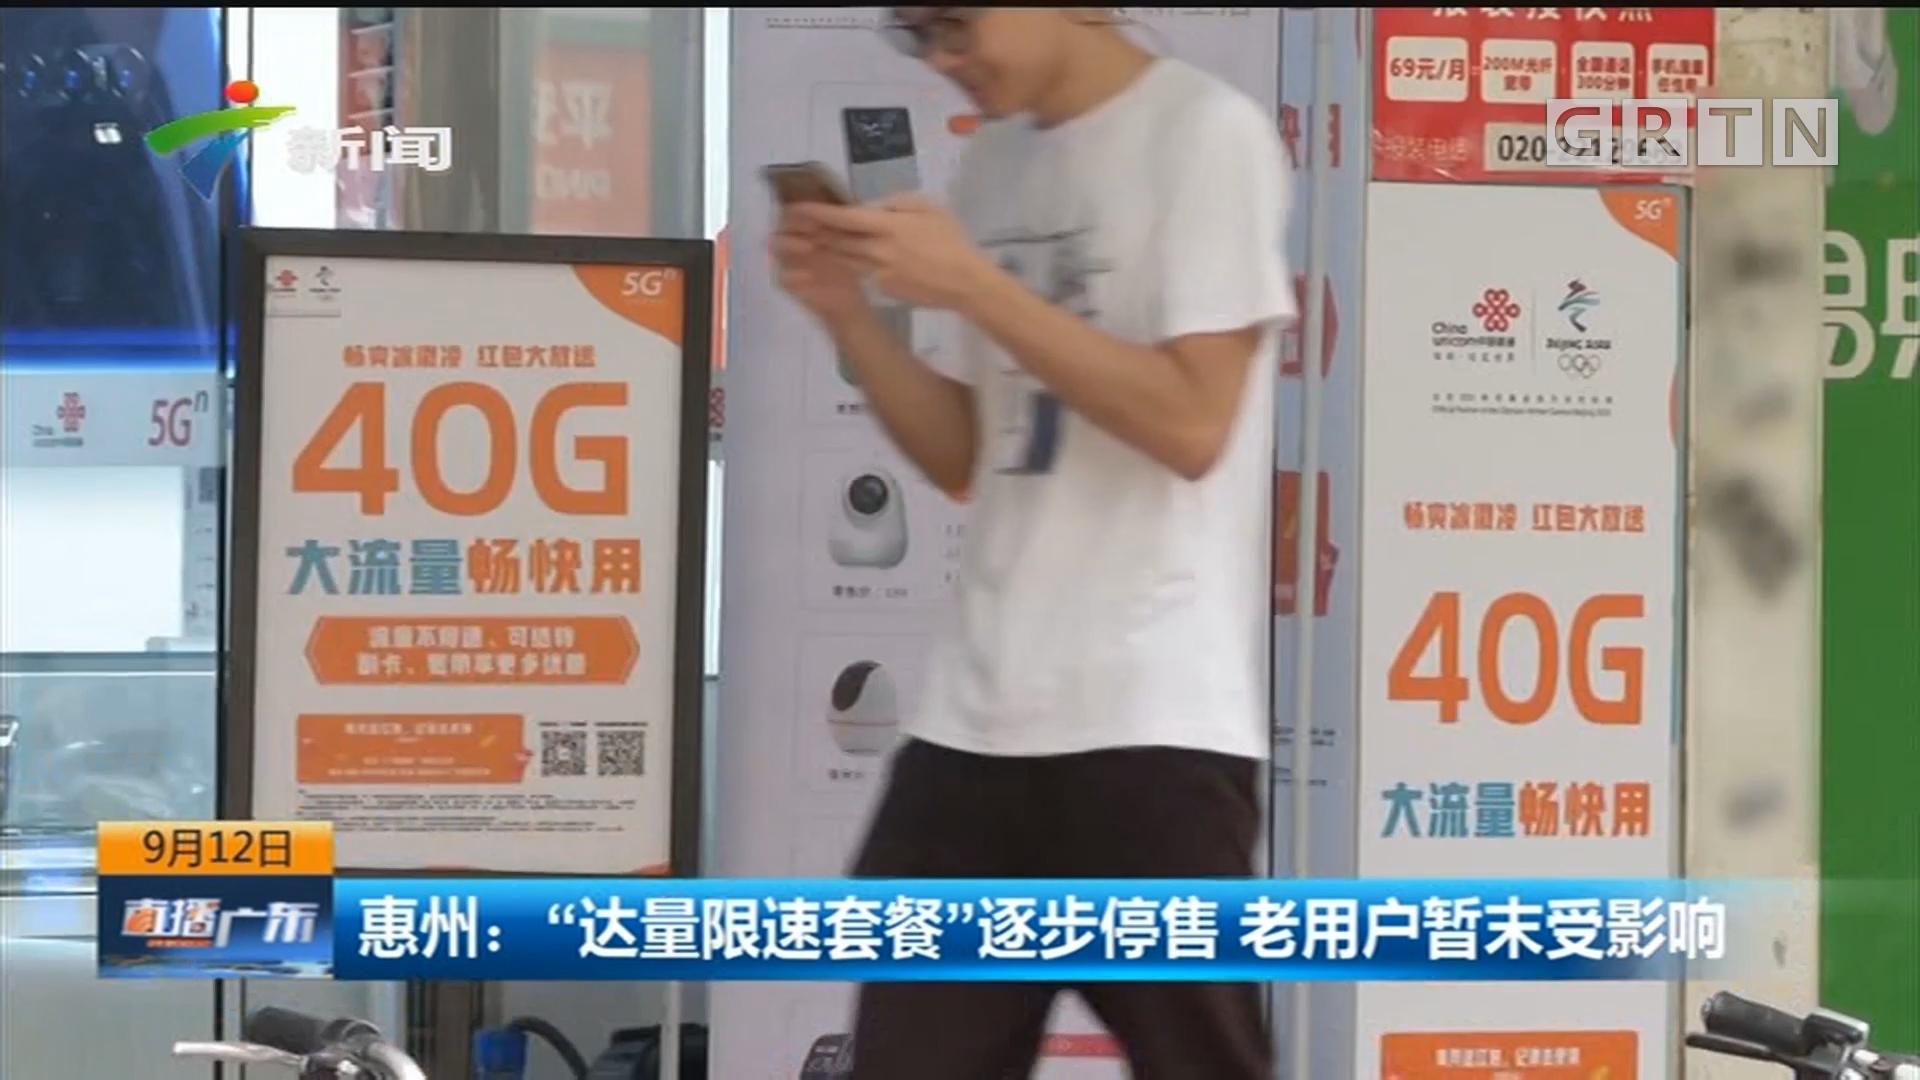 """惠州:""""达量限速套餐""""逐步停售 老用户暂末受影响"""